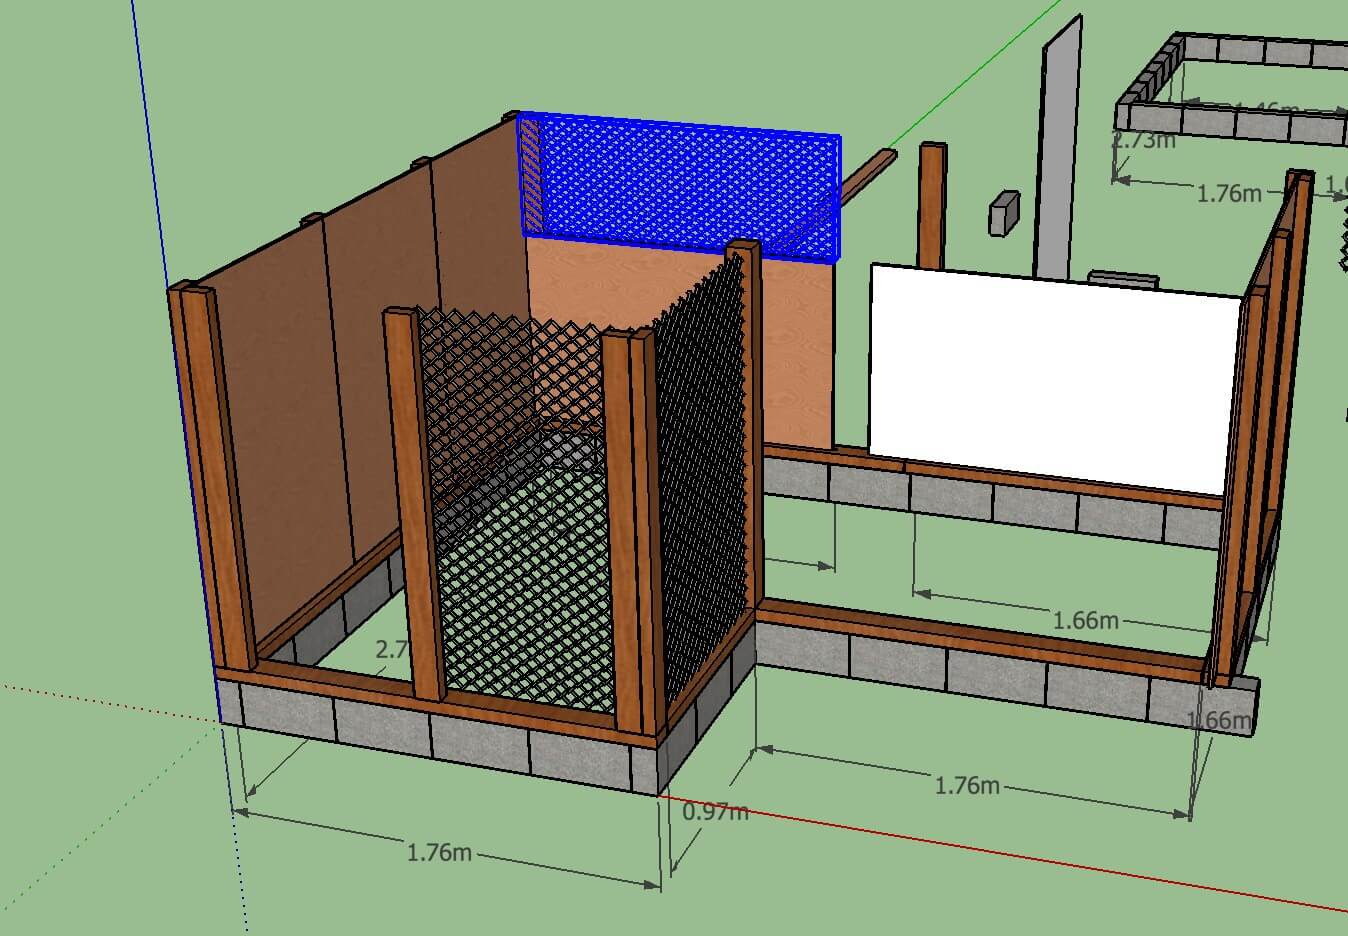 ニワトリ小屋の設計図